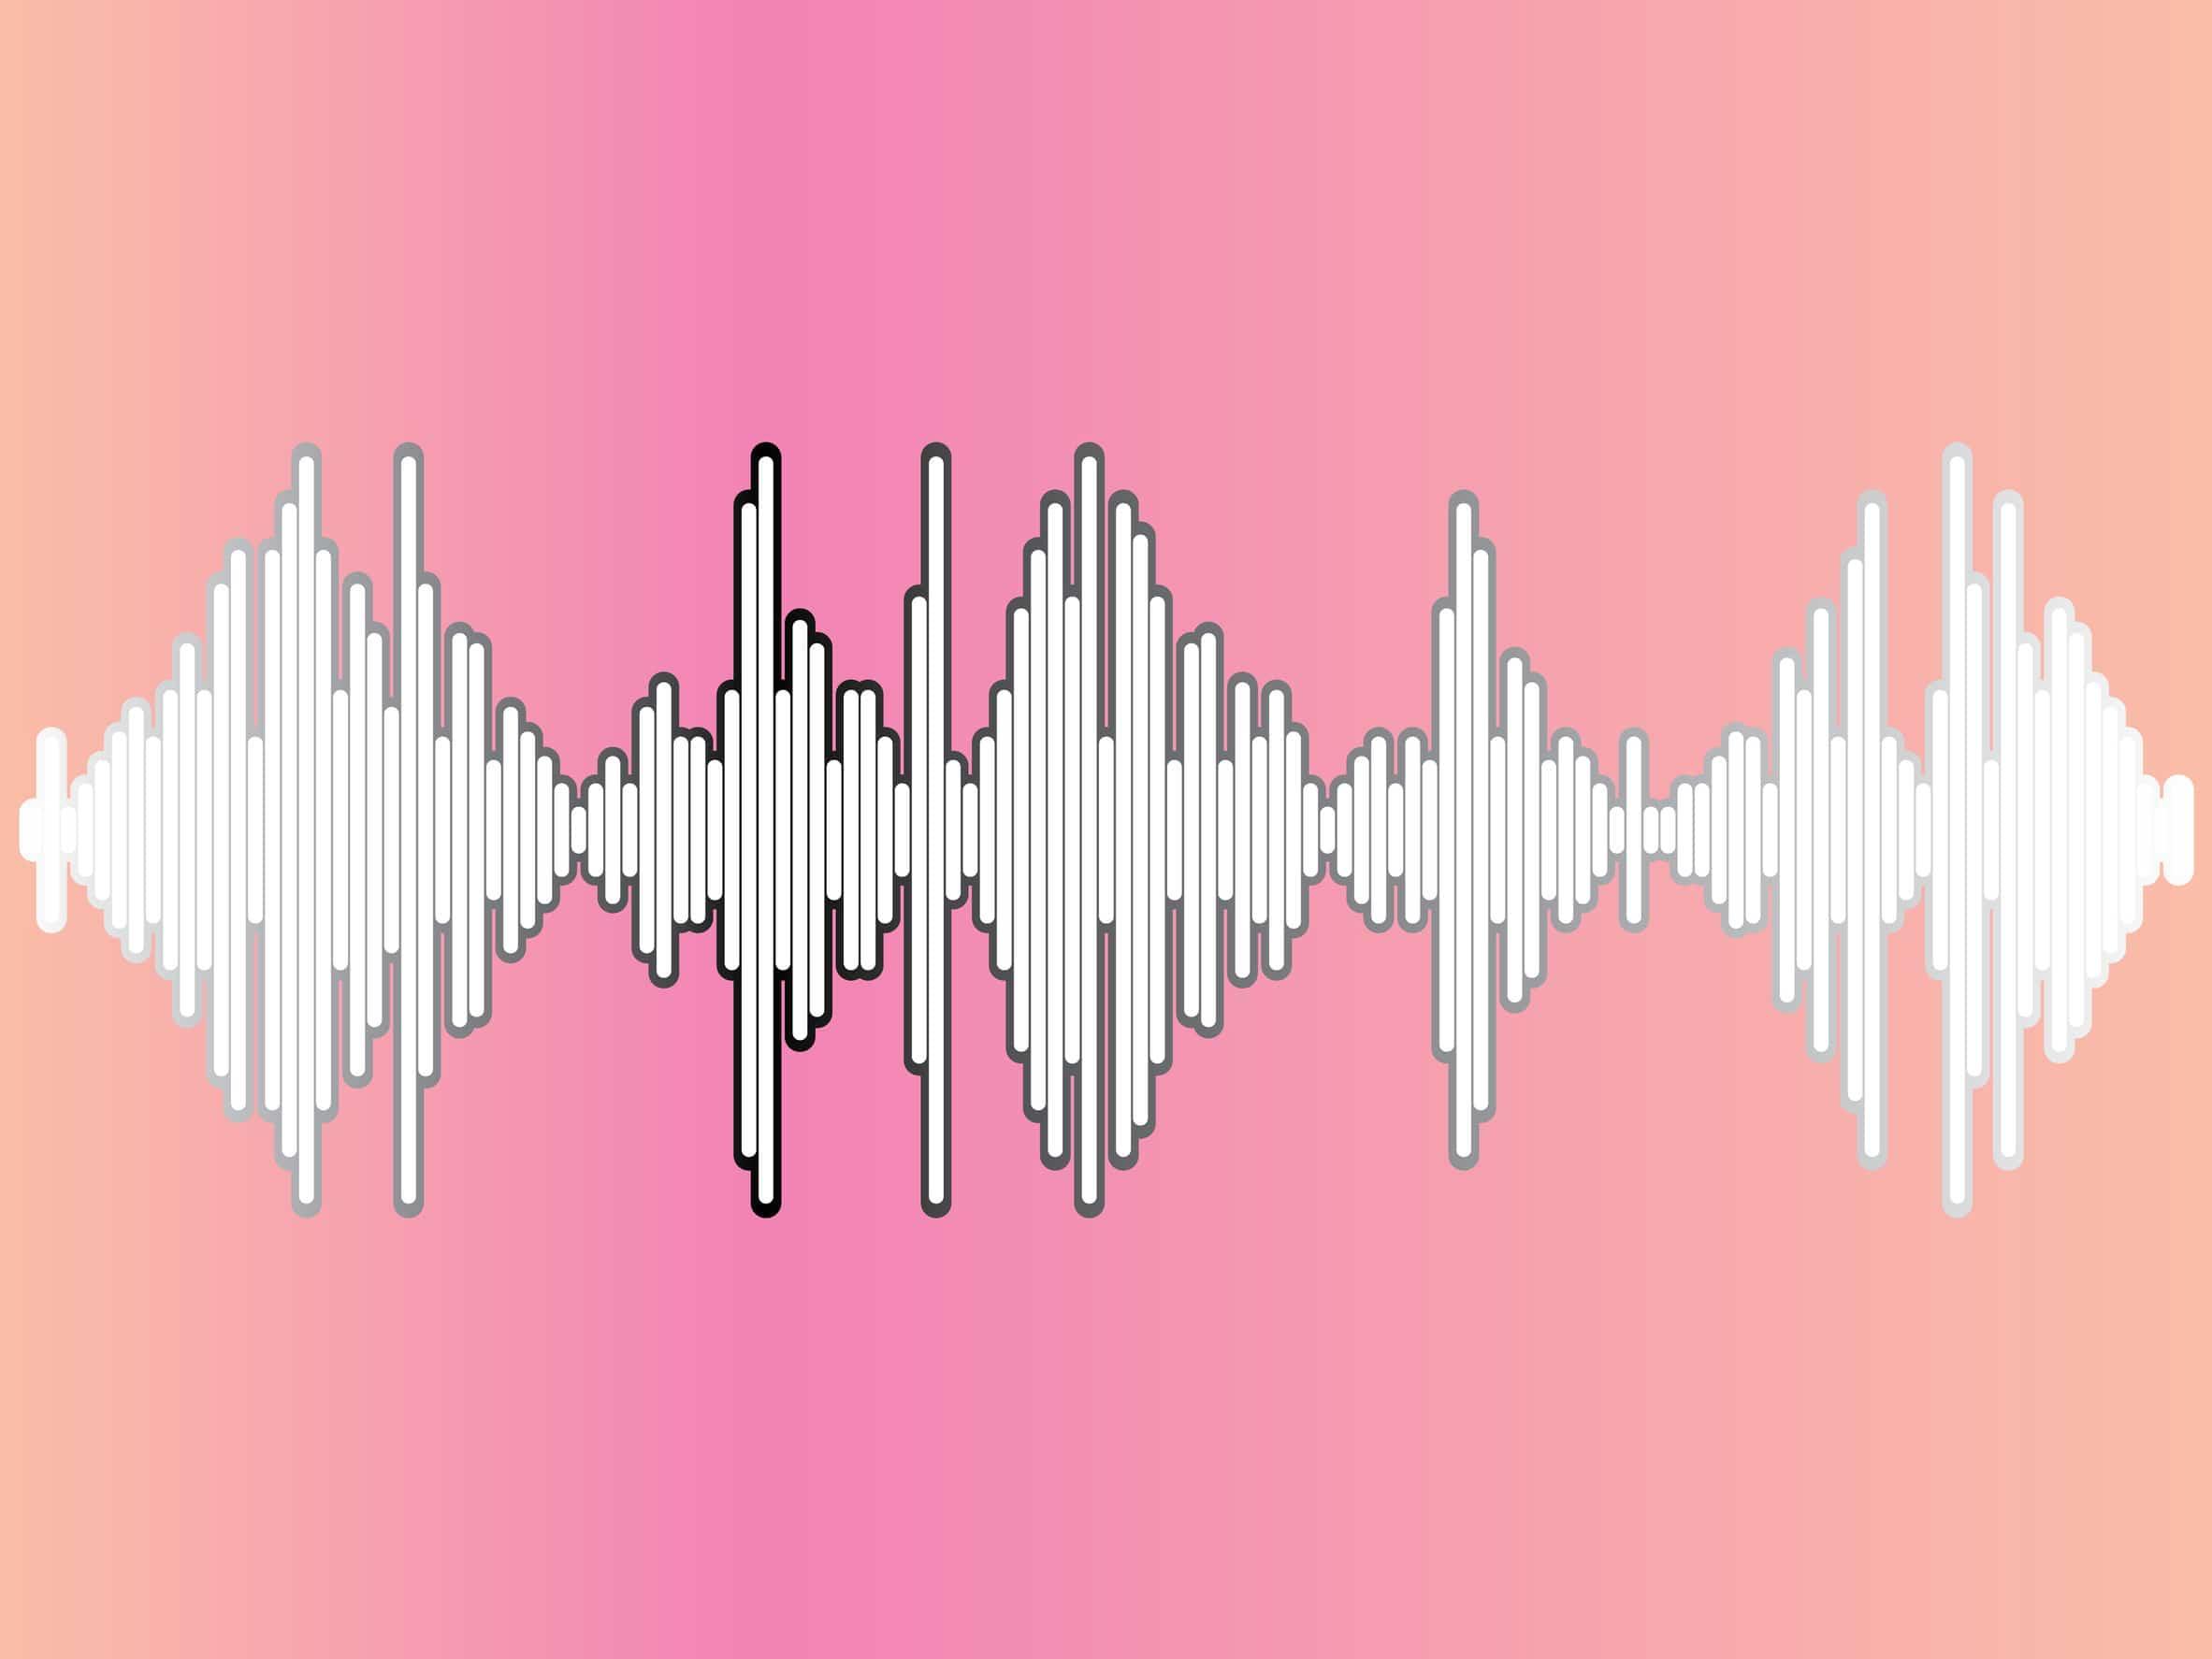 Ilustração de frequência Hertz.